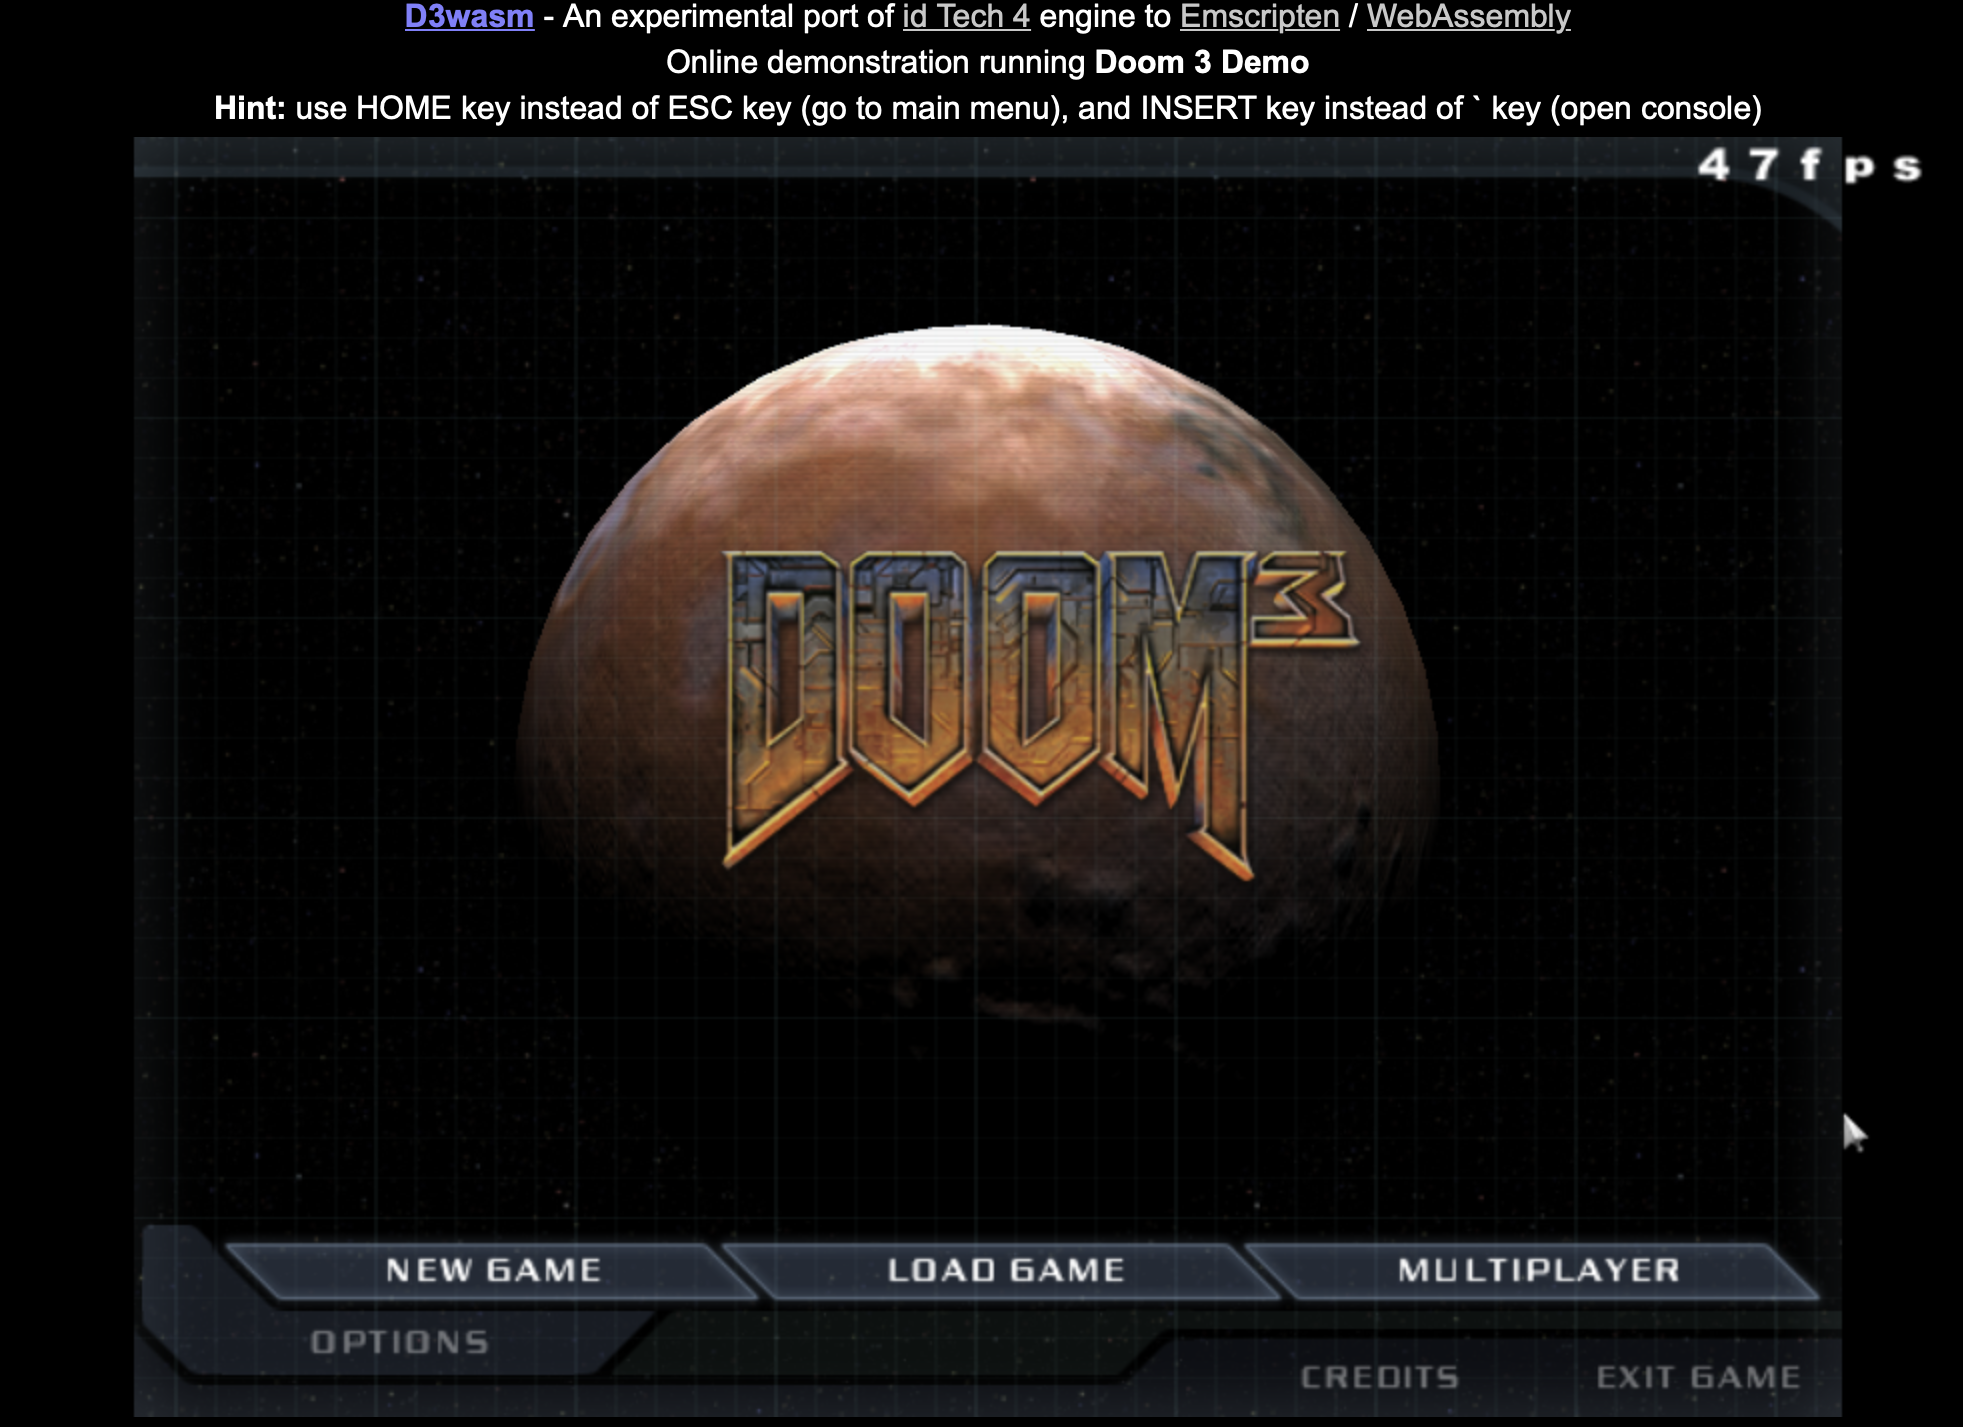 Screenshot of Doom 3 running in browser